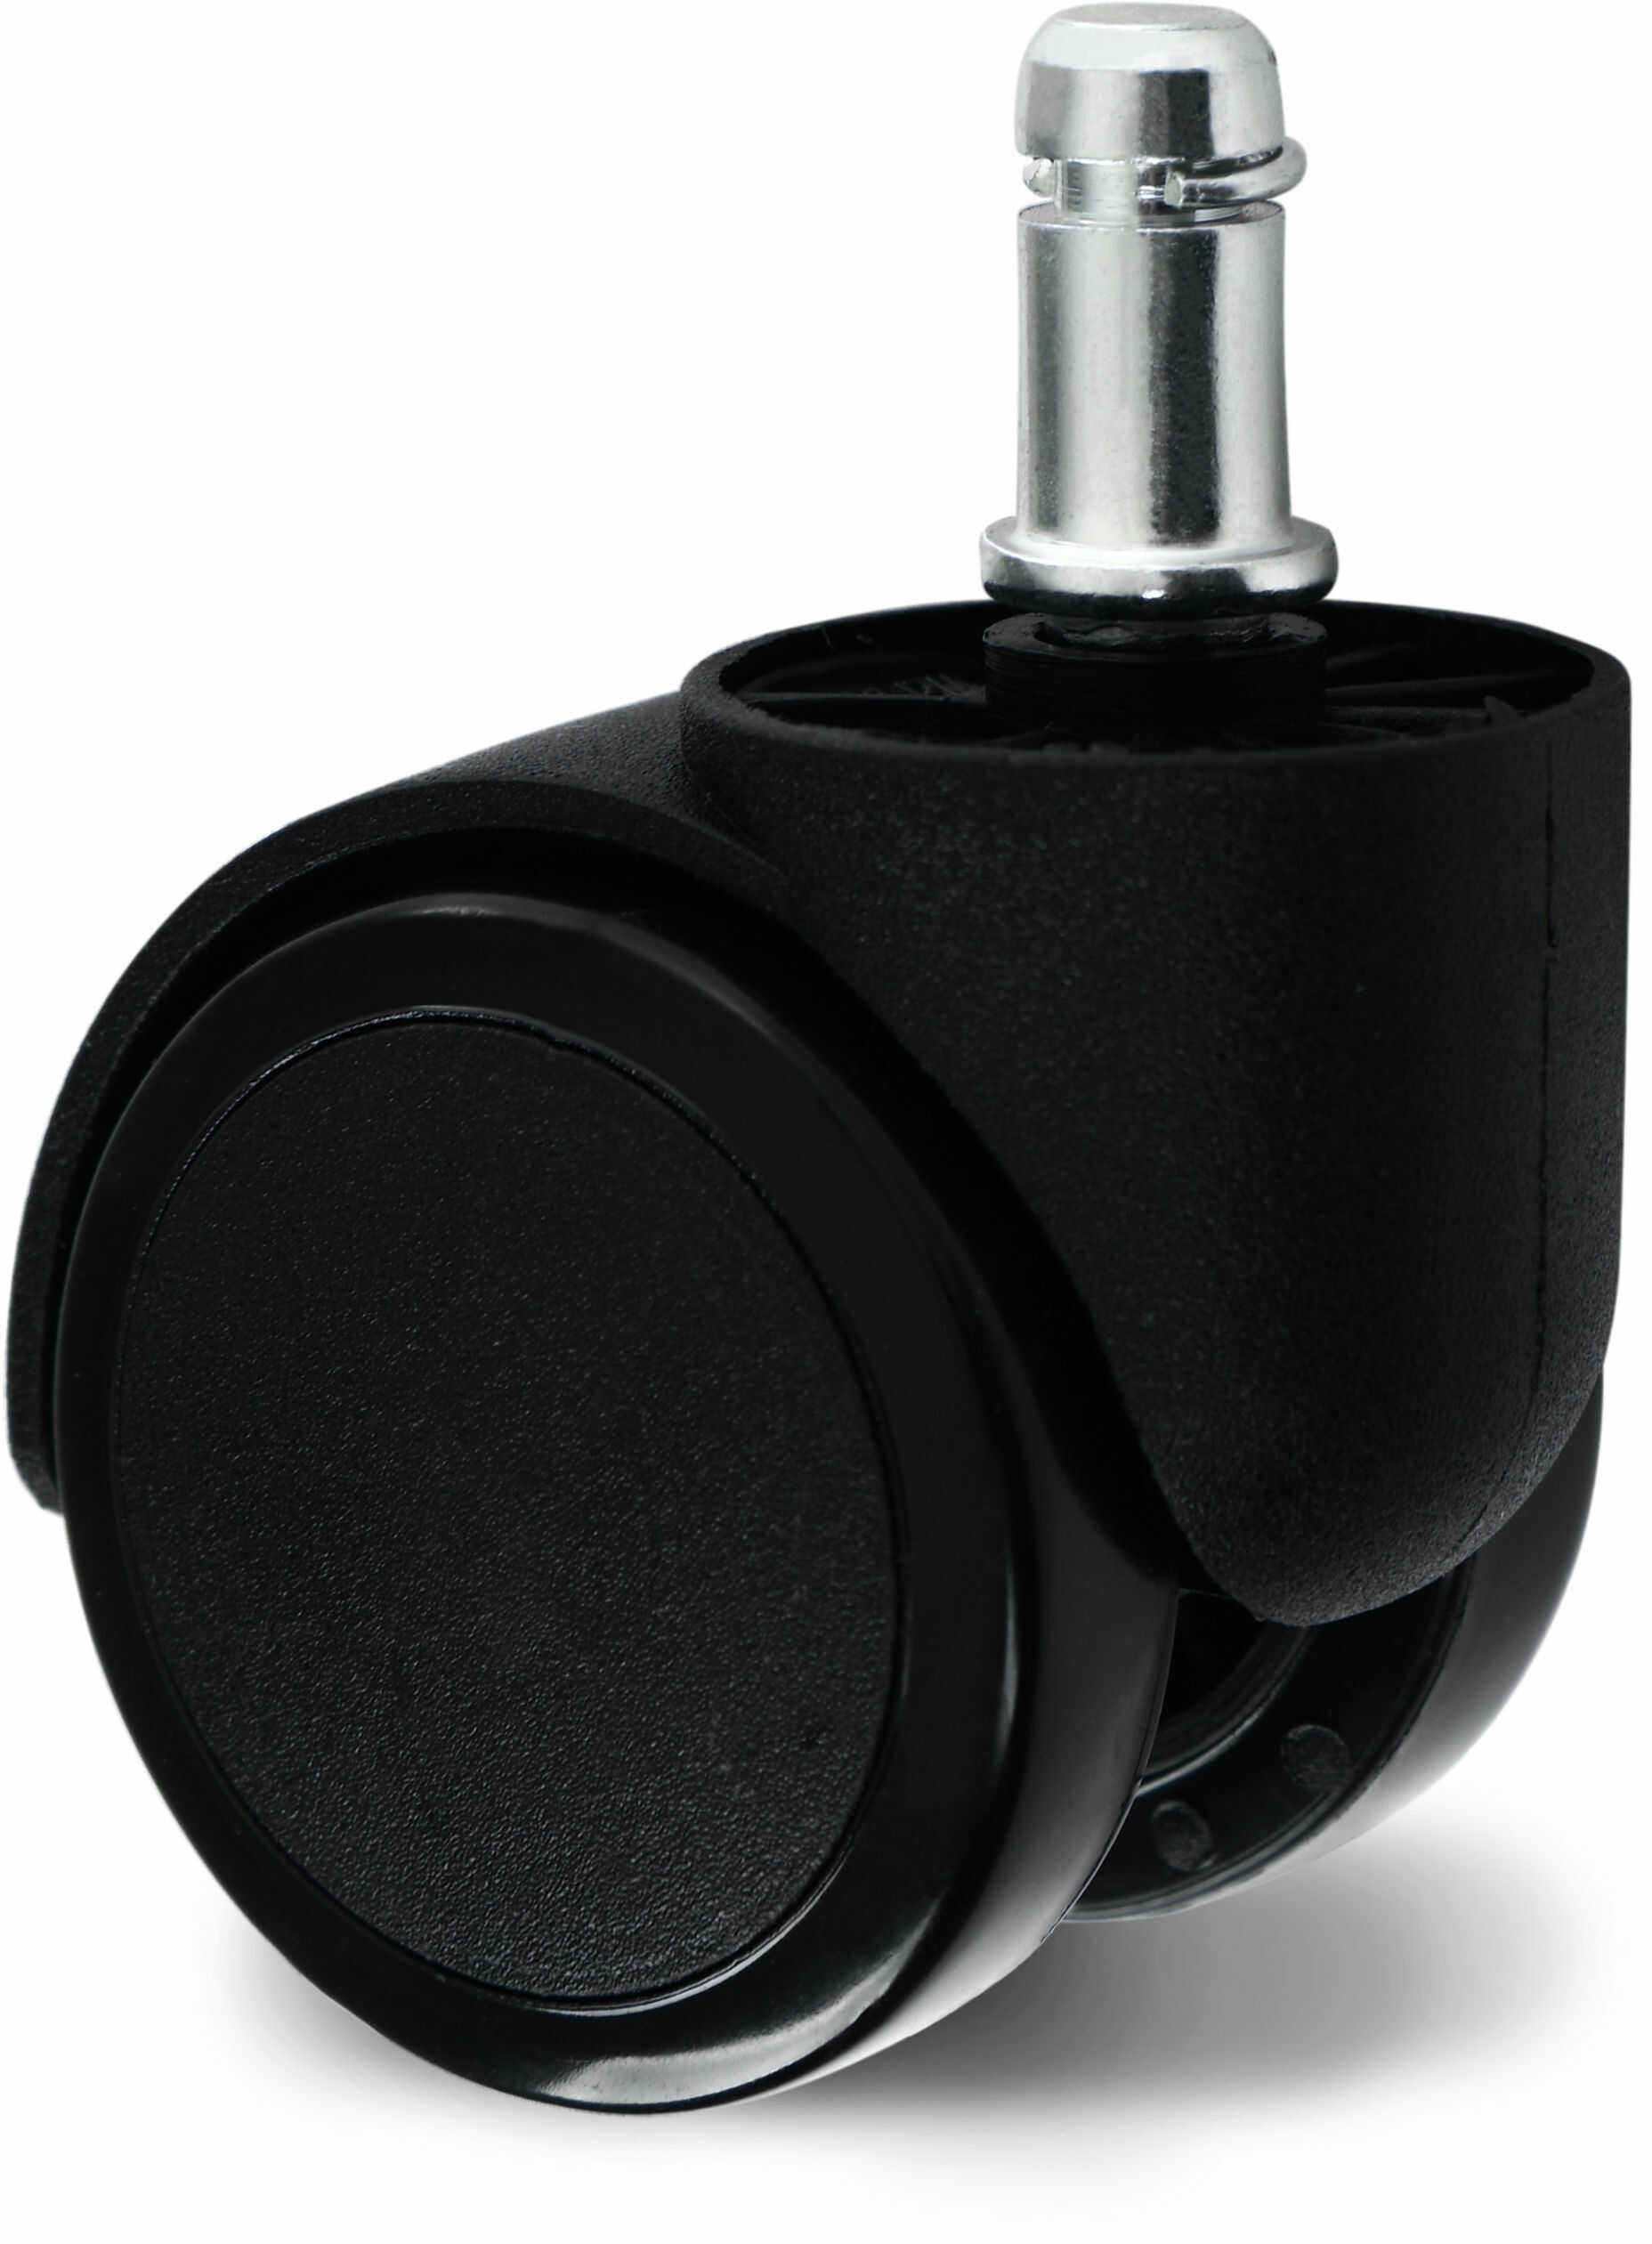 Kółka miękkie samohamowne 50mm (5 sztuk)